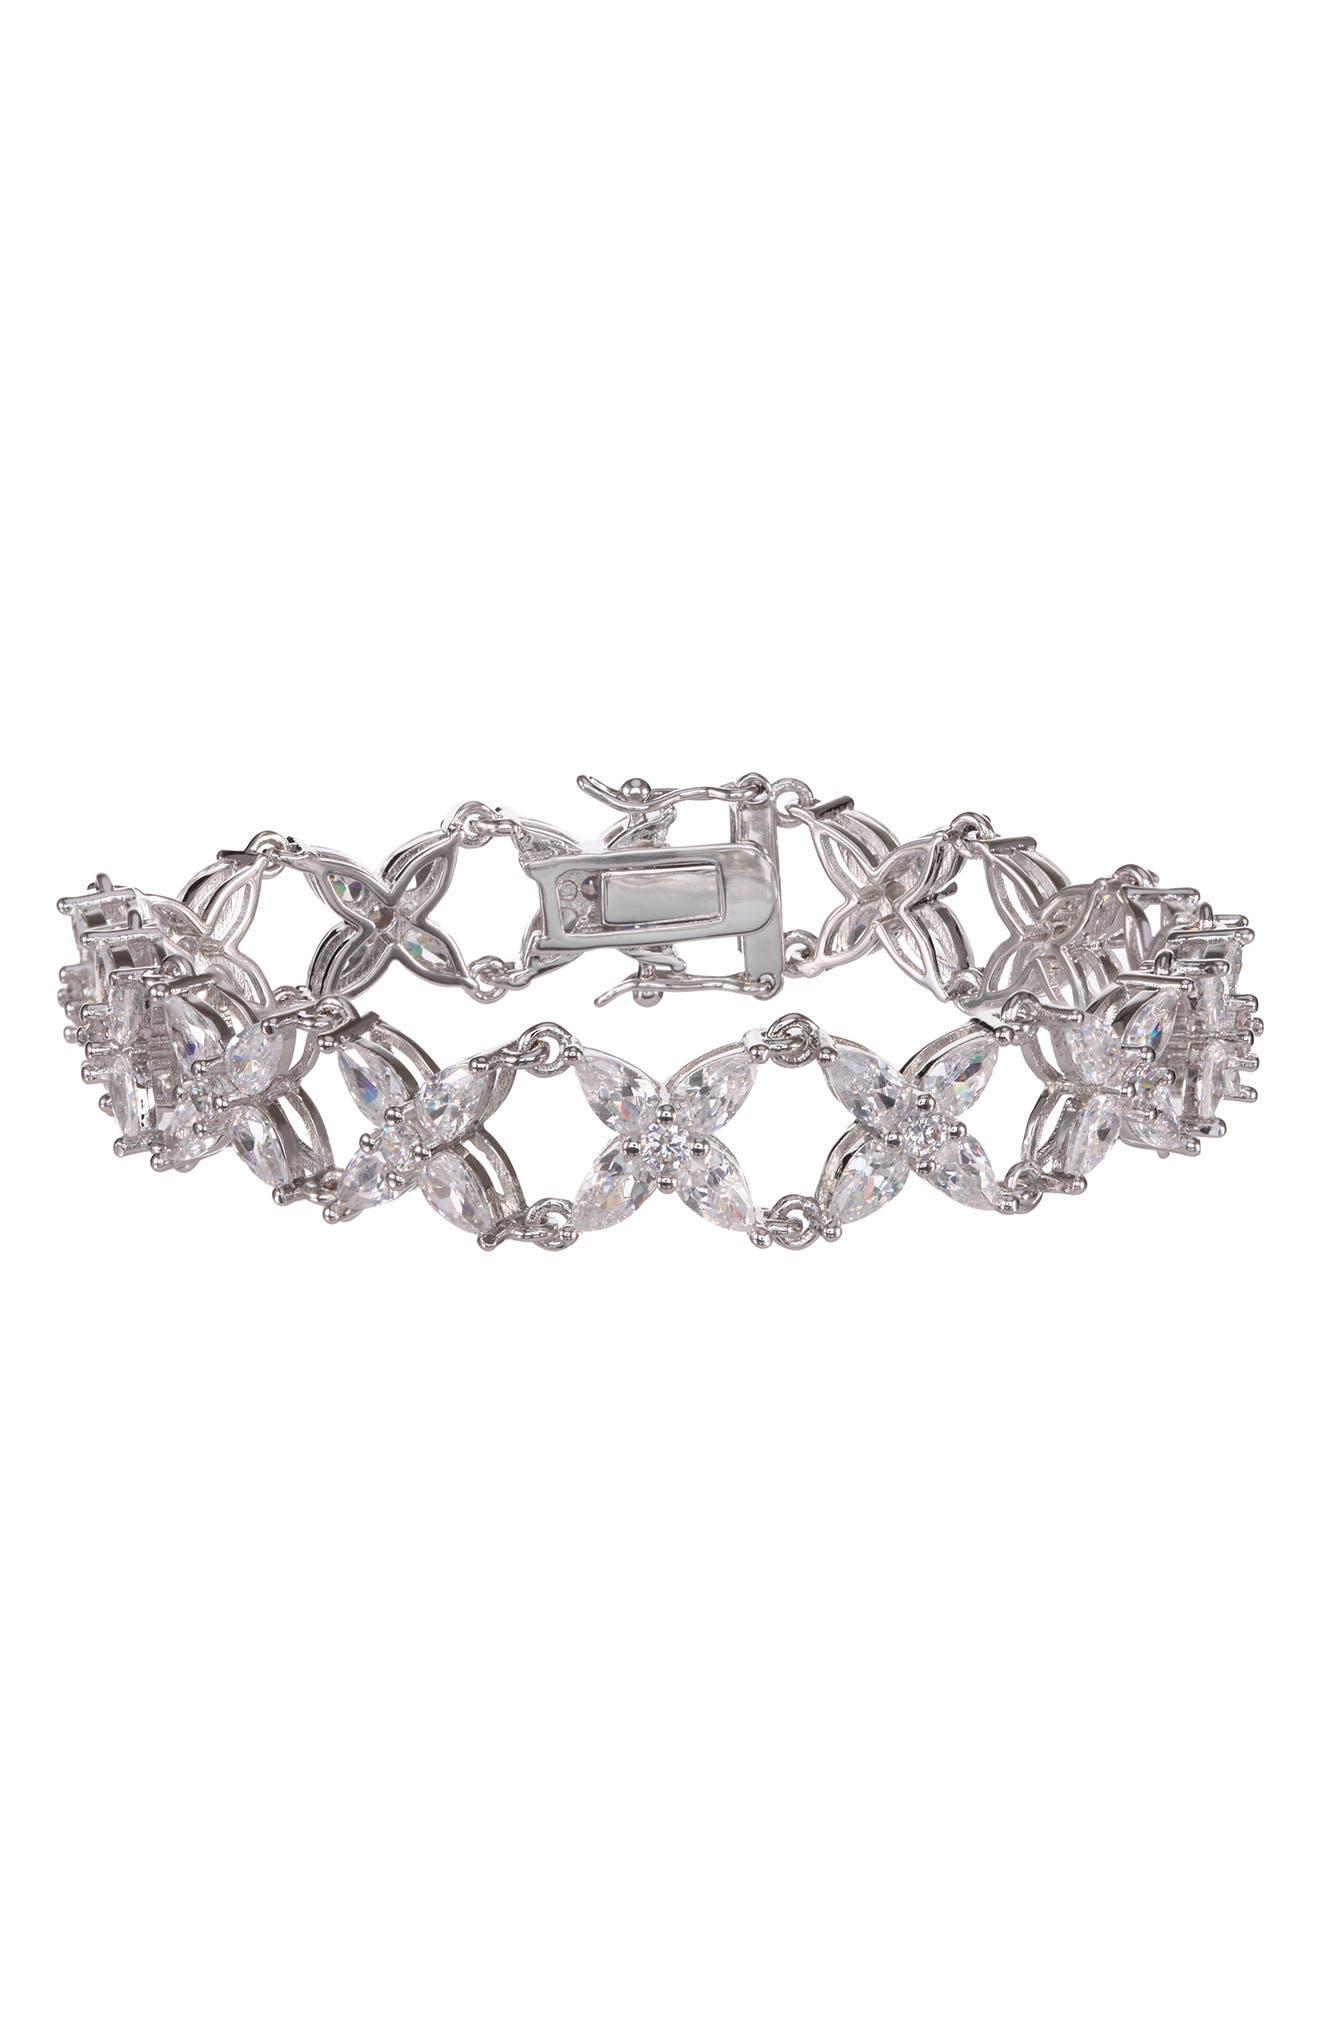 Floral Marquis Cubic Zirconia Link Bracelet,                             Main thumbnail 1, color,                             White/ Silver